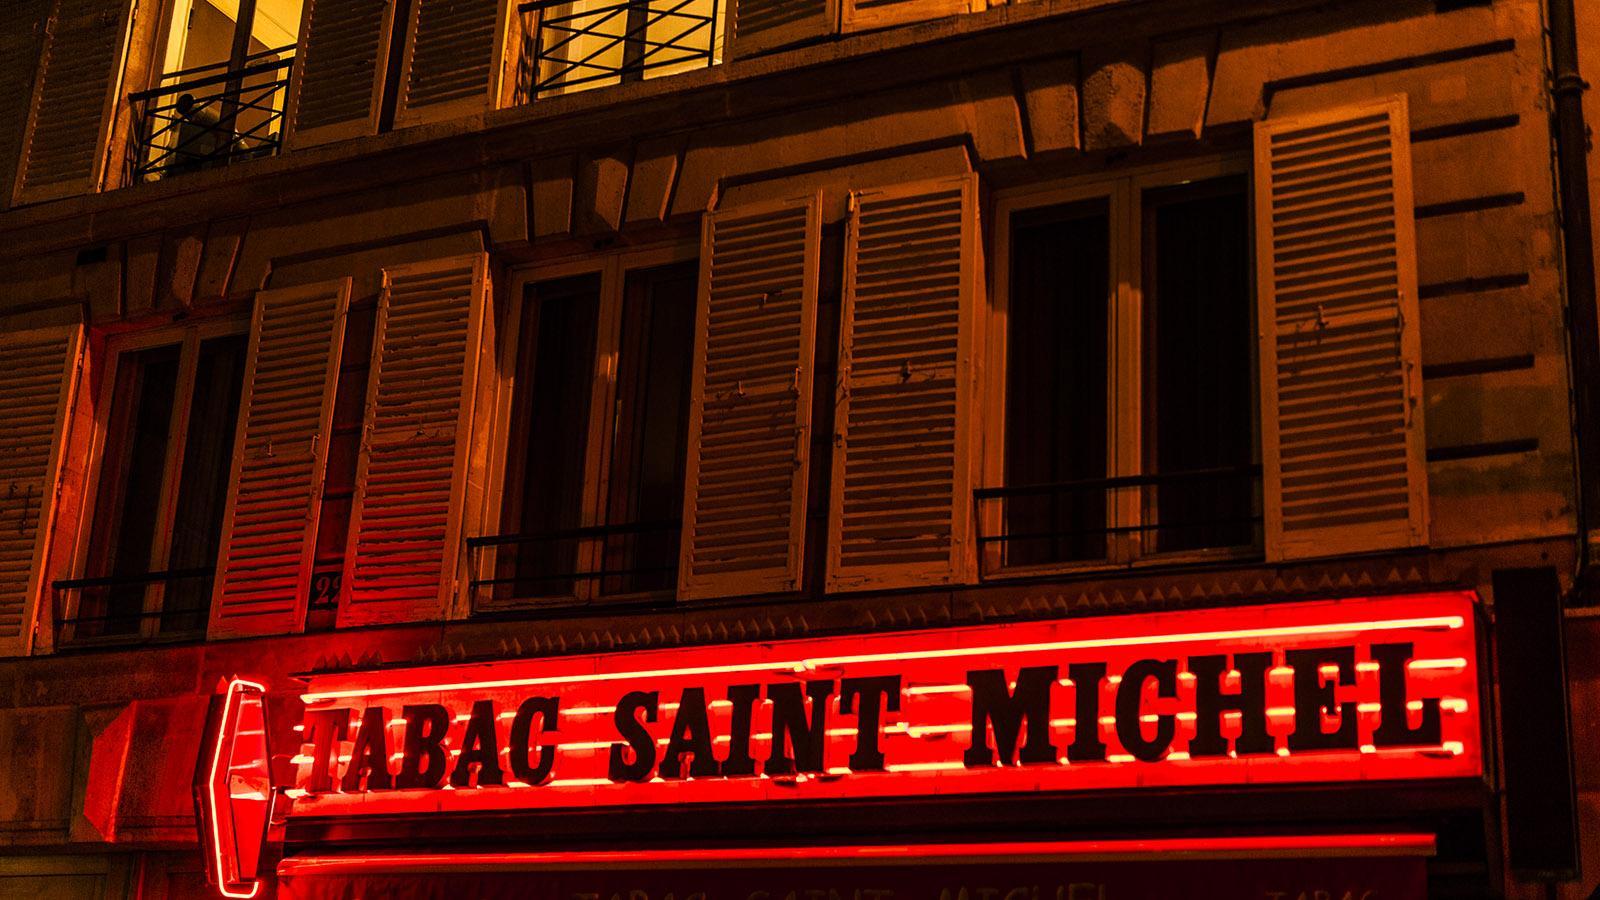 Nächtliche Leuchtreklame im Quartier Latin. Foto: Hilke Maunder